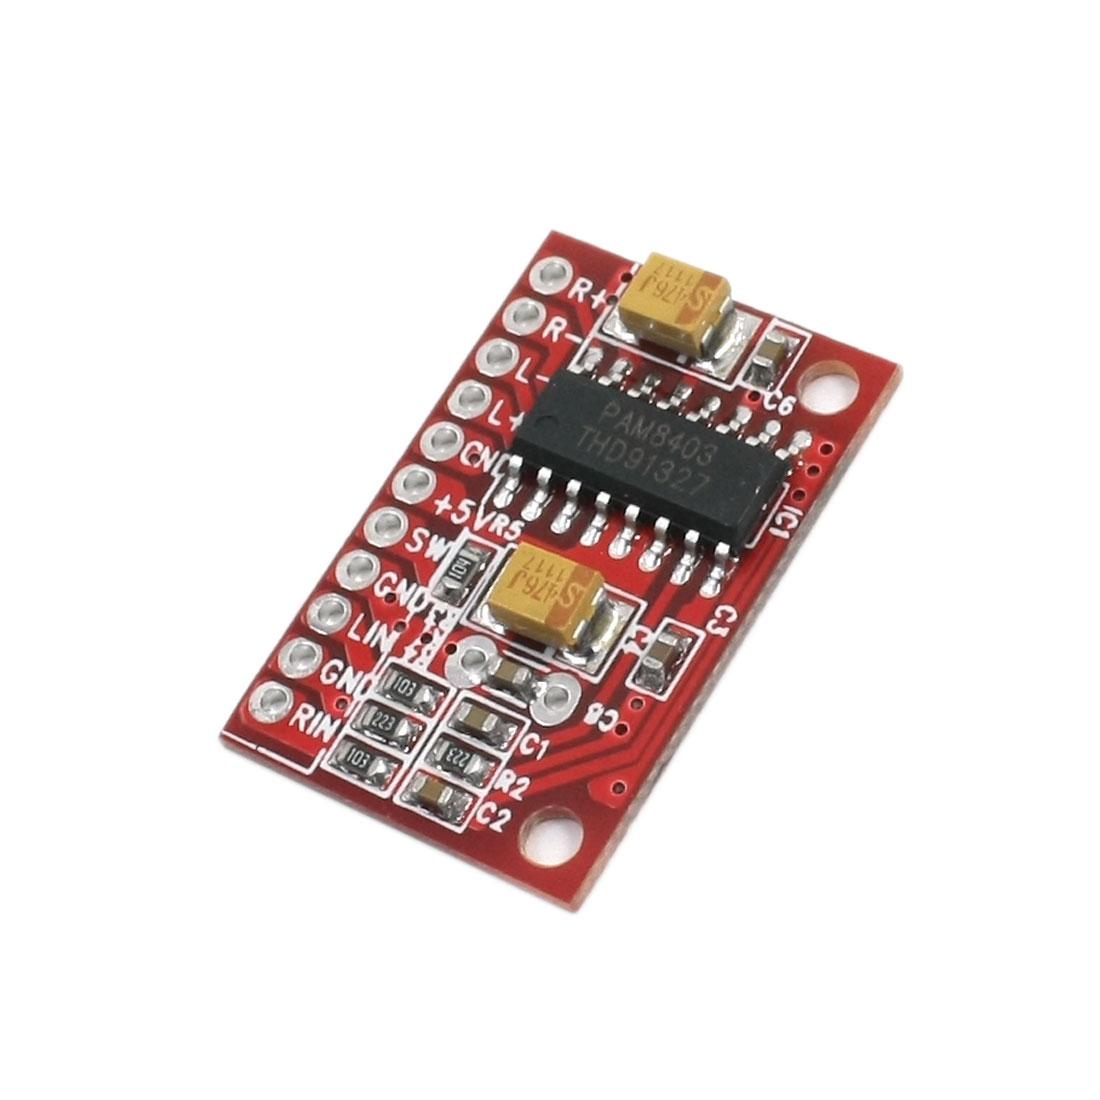 DC 3.6-5.5V Dual Track 3W+3W Mini Power Amplifier Module Board